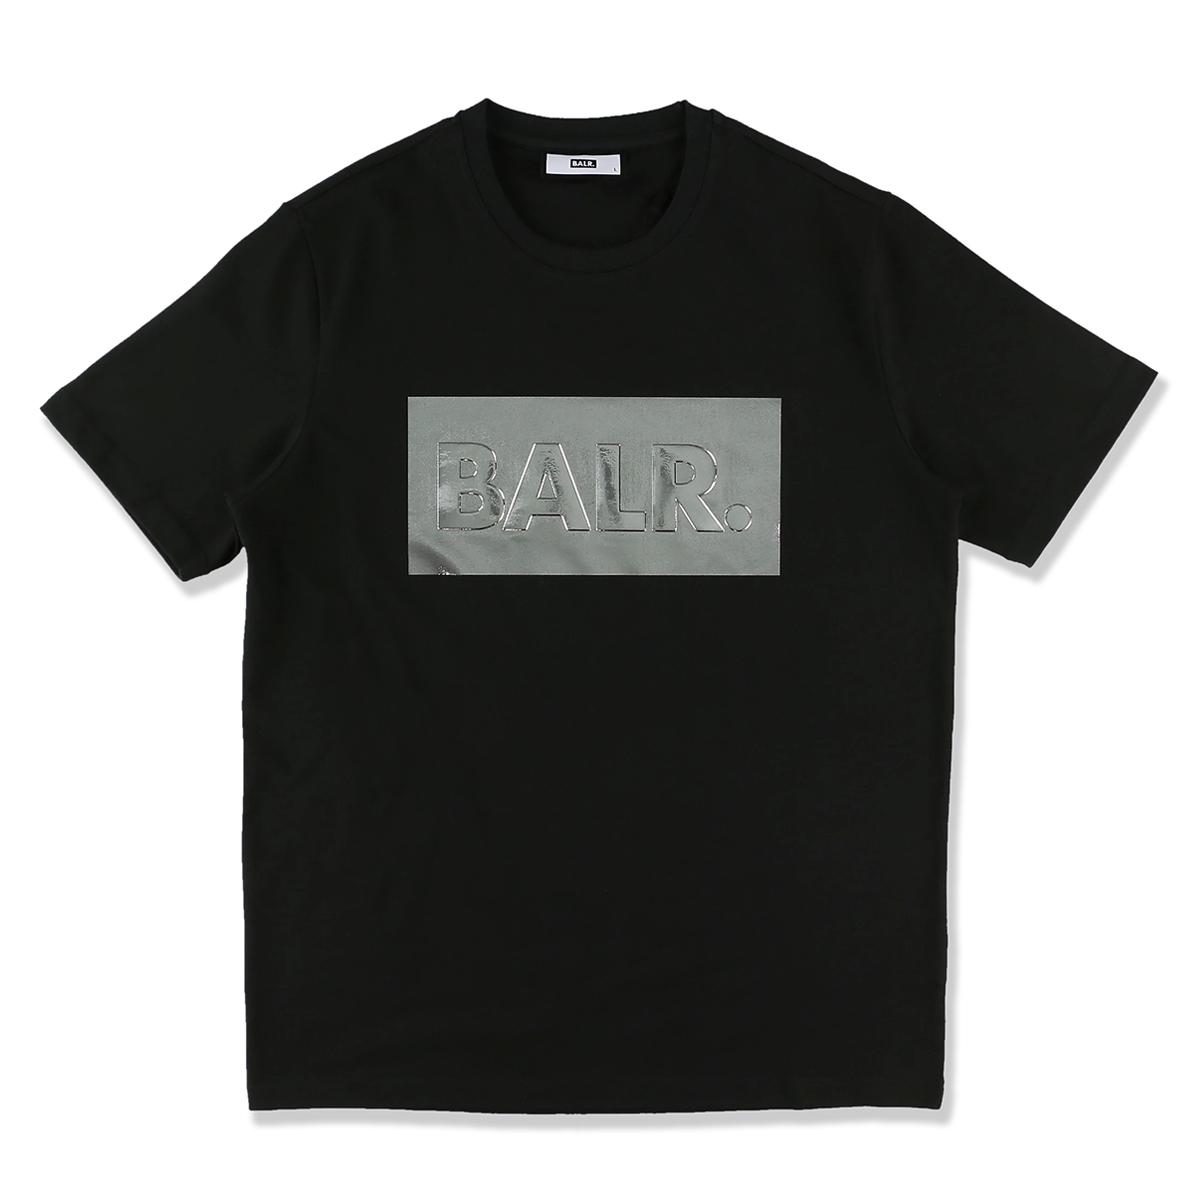 ボーラ― BALR. クルーネックTシャツ ブラック メンズ silver club straight tshirt black SILVER CLUB STRAIGHT T-SHIRT【あす楽対応_関東】【返品送料無料】【ラッピング無料】